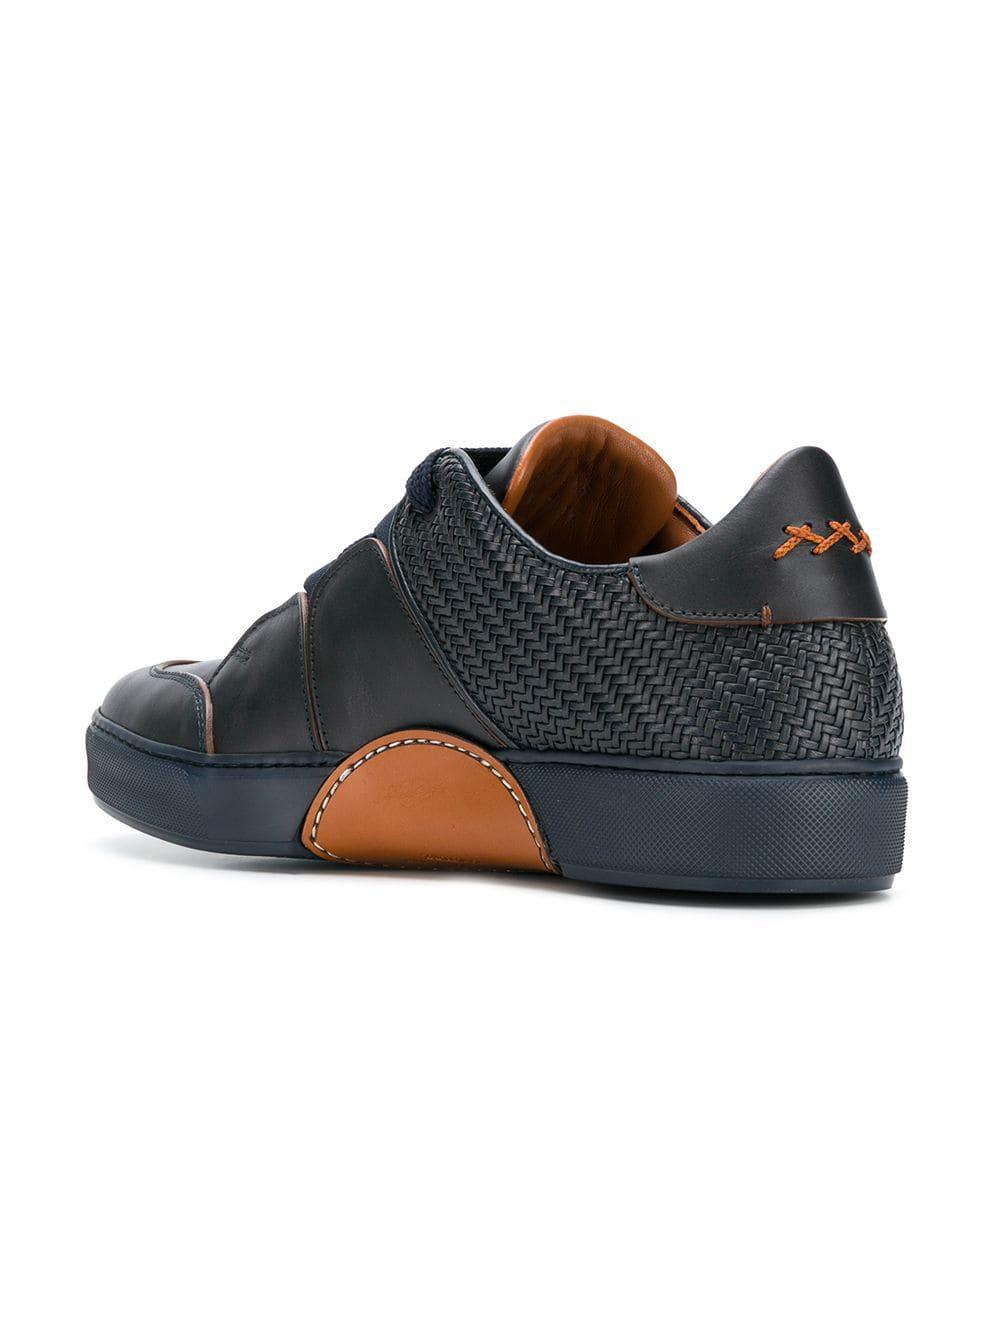 06deb2173dfcf Lyst - Ermenegildo Zegna Tiziano Sneakers in Blue for Men